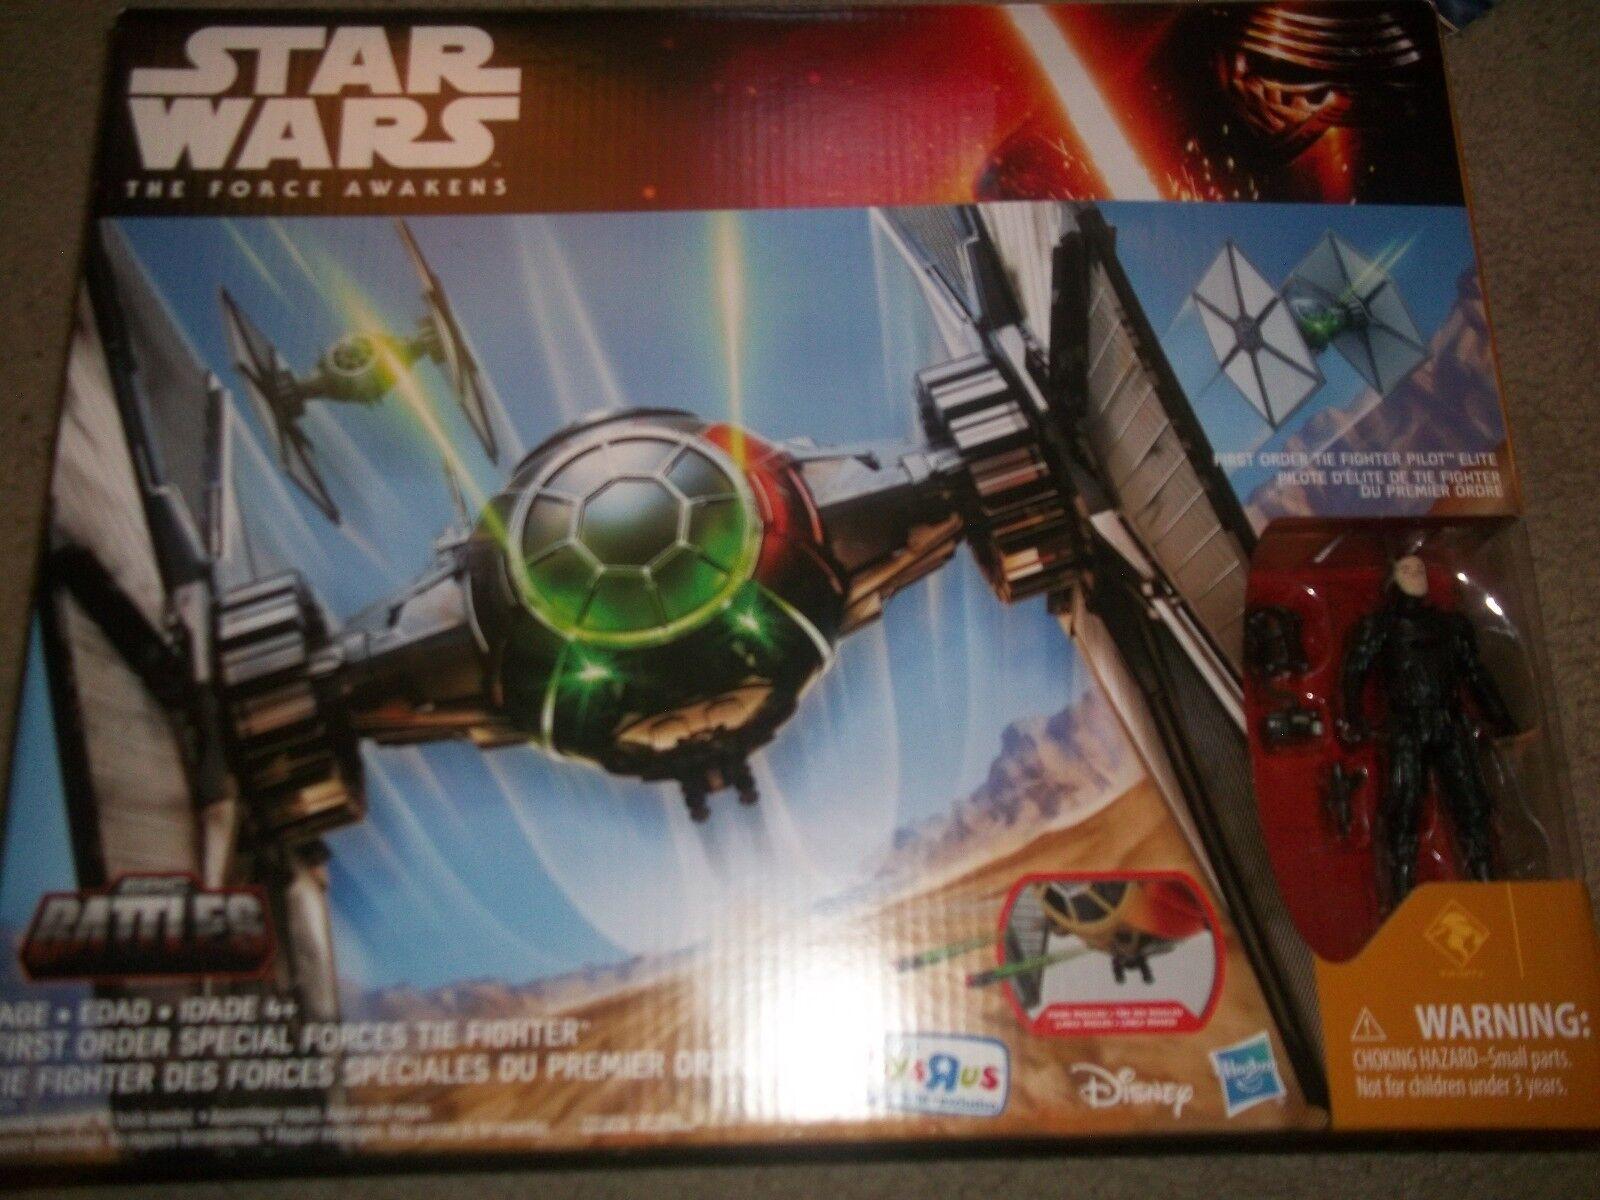 Star wars force erwacht, um besondere kräfte binde kampfpilot neue tru